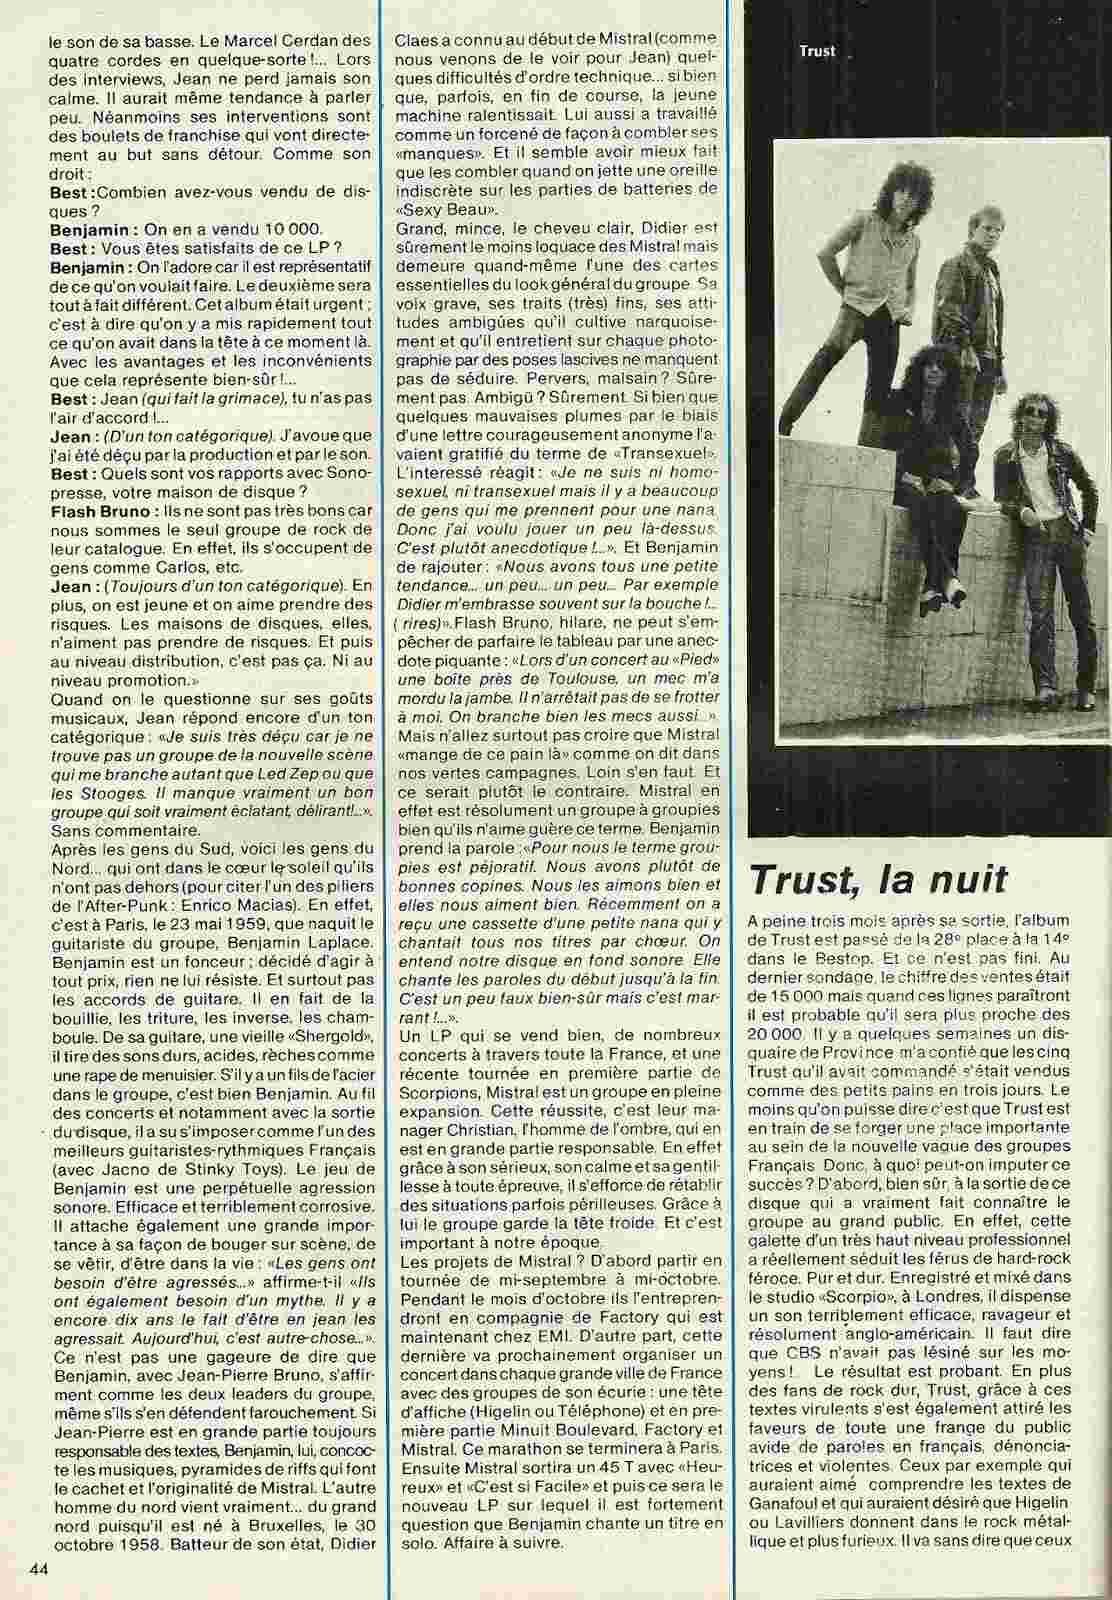 """Les Fils de l'Acier Mistral/Trust """"Best"""" octobre 1979 (Archive) Numyri27"""